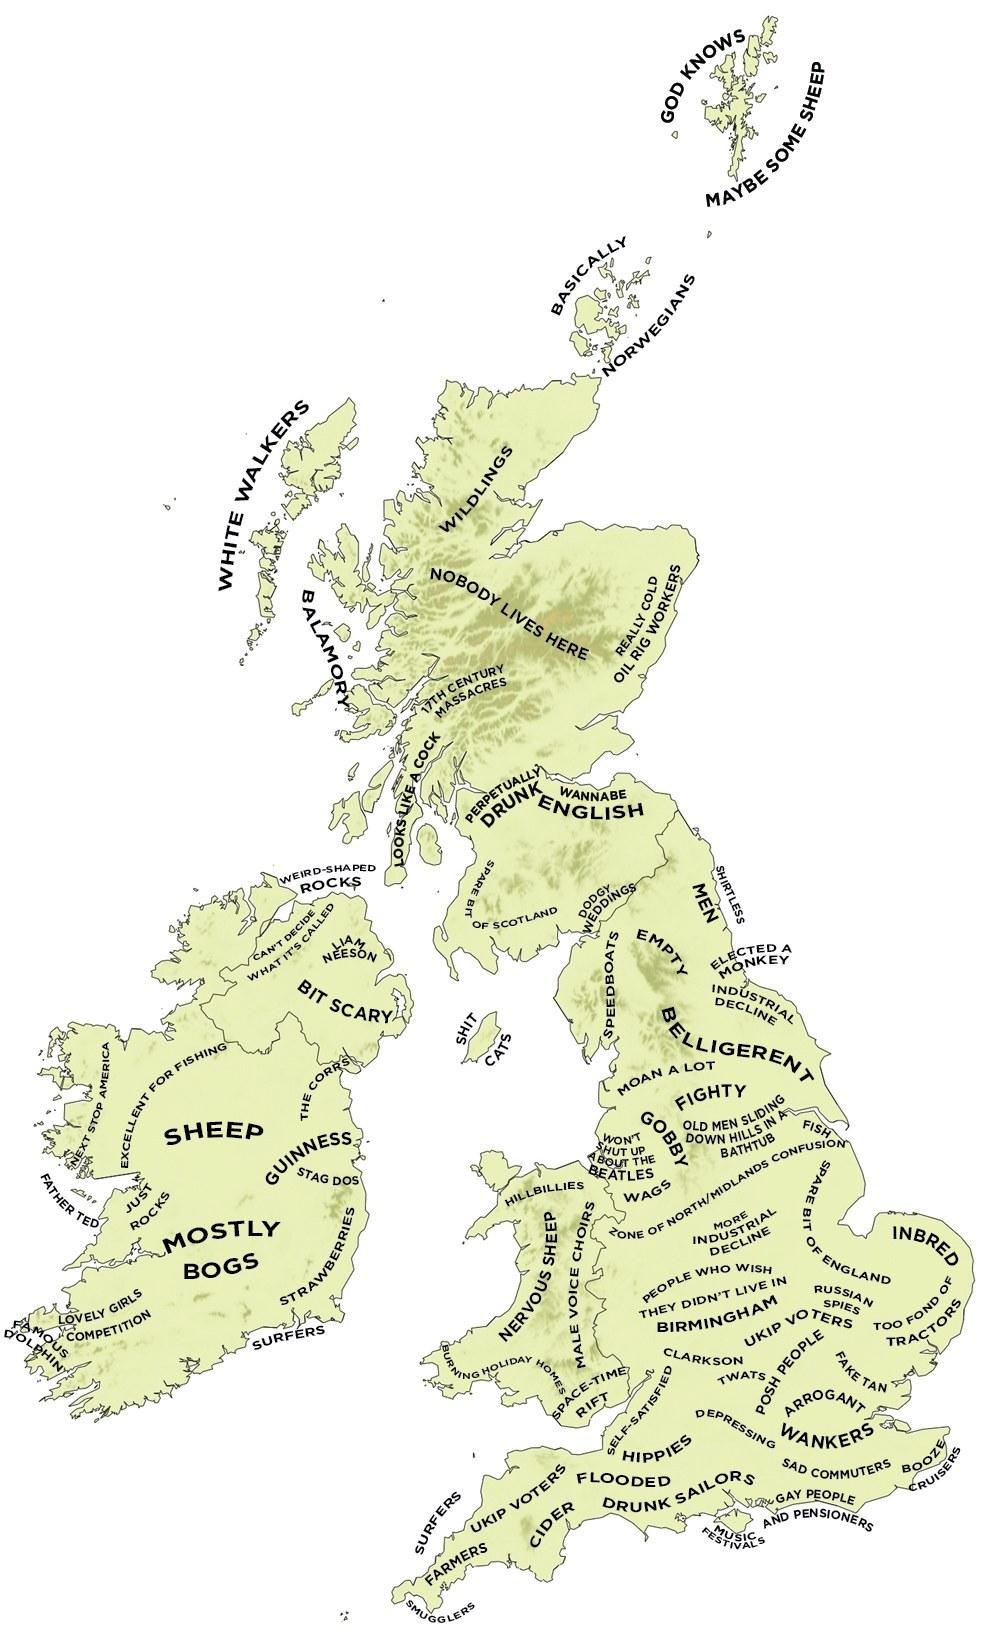 イギリスが考えるイギリスの地方の人のステレオタイプ一覧ガイド!(笑)